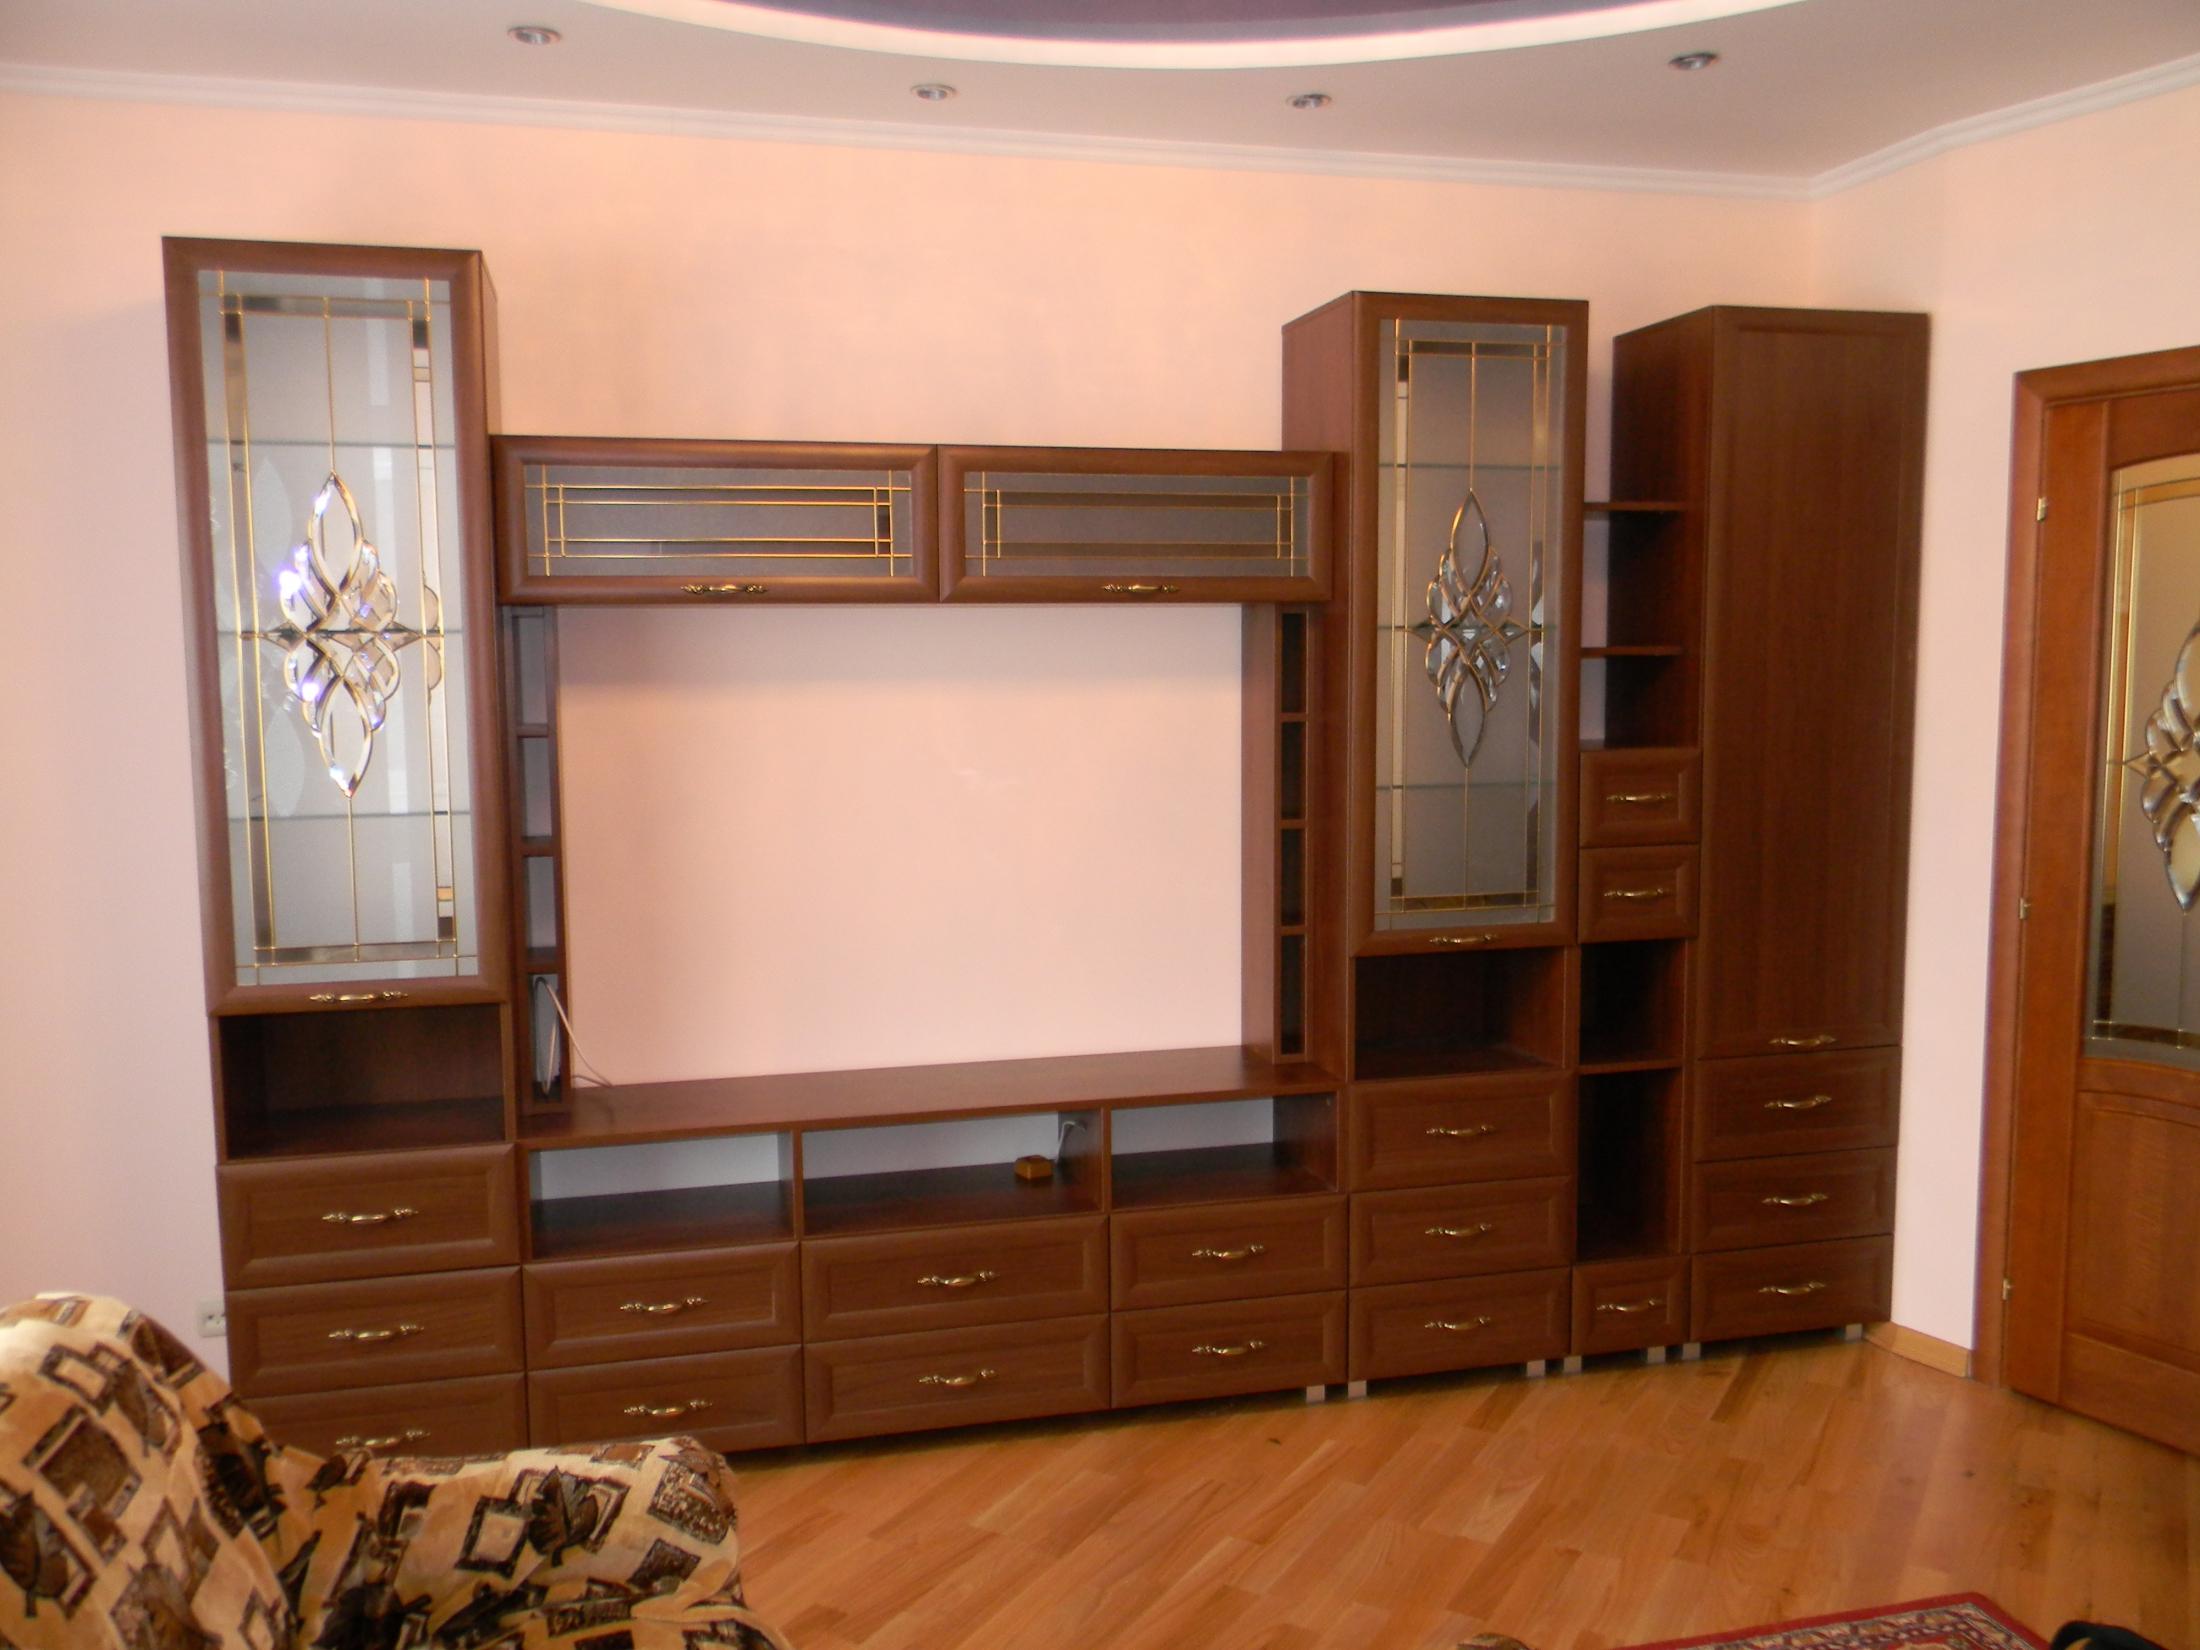 Buy изготовление мебельных стенок и горок на заказ, централь.